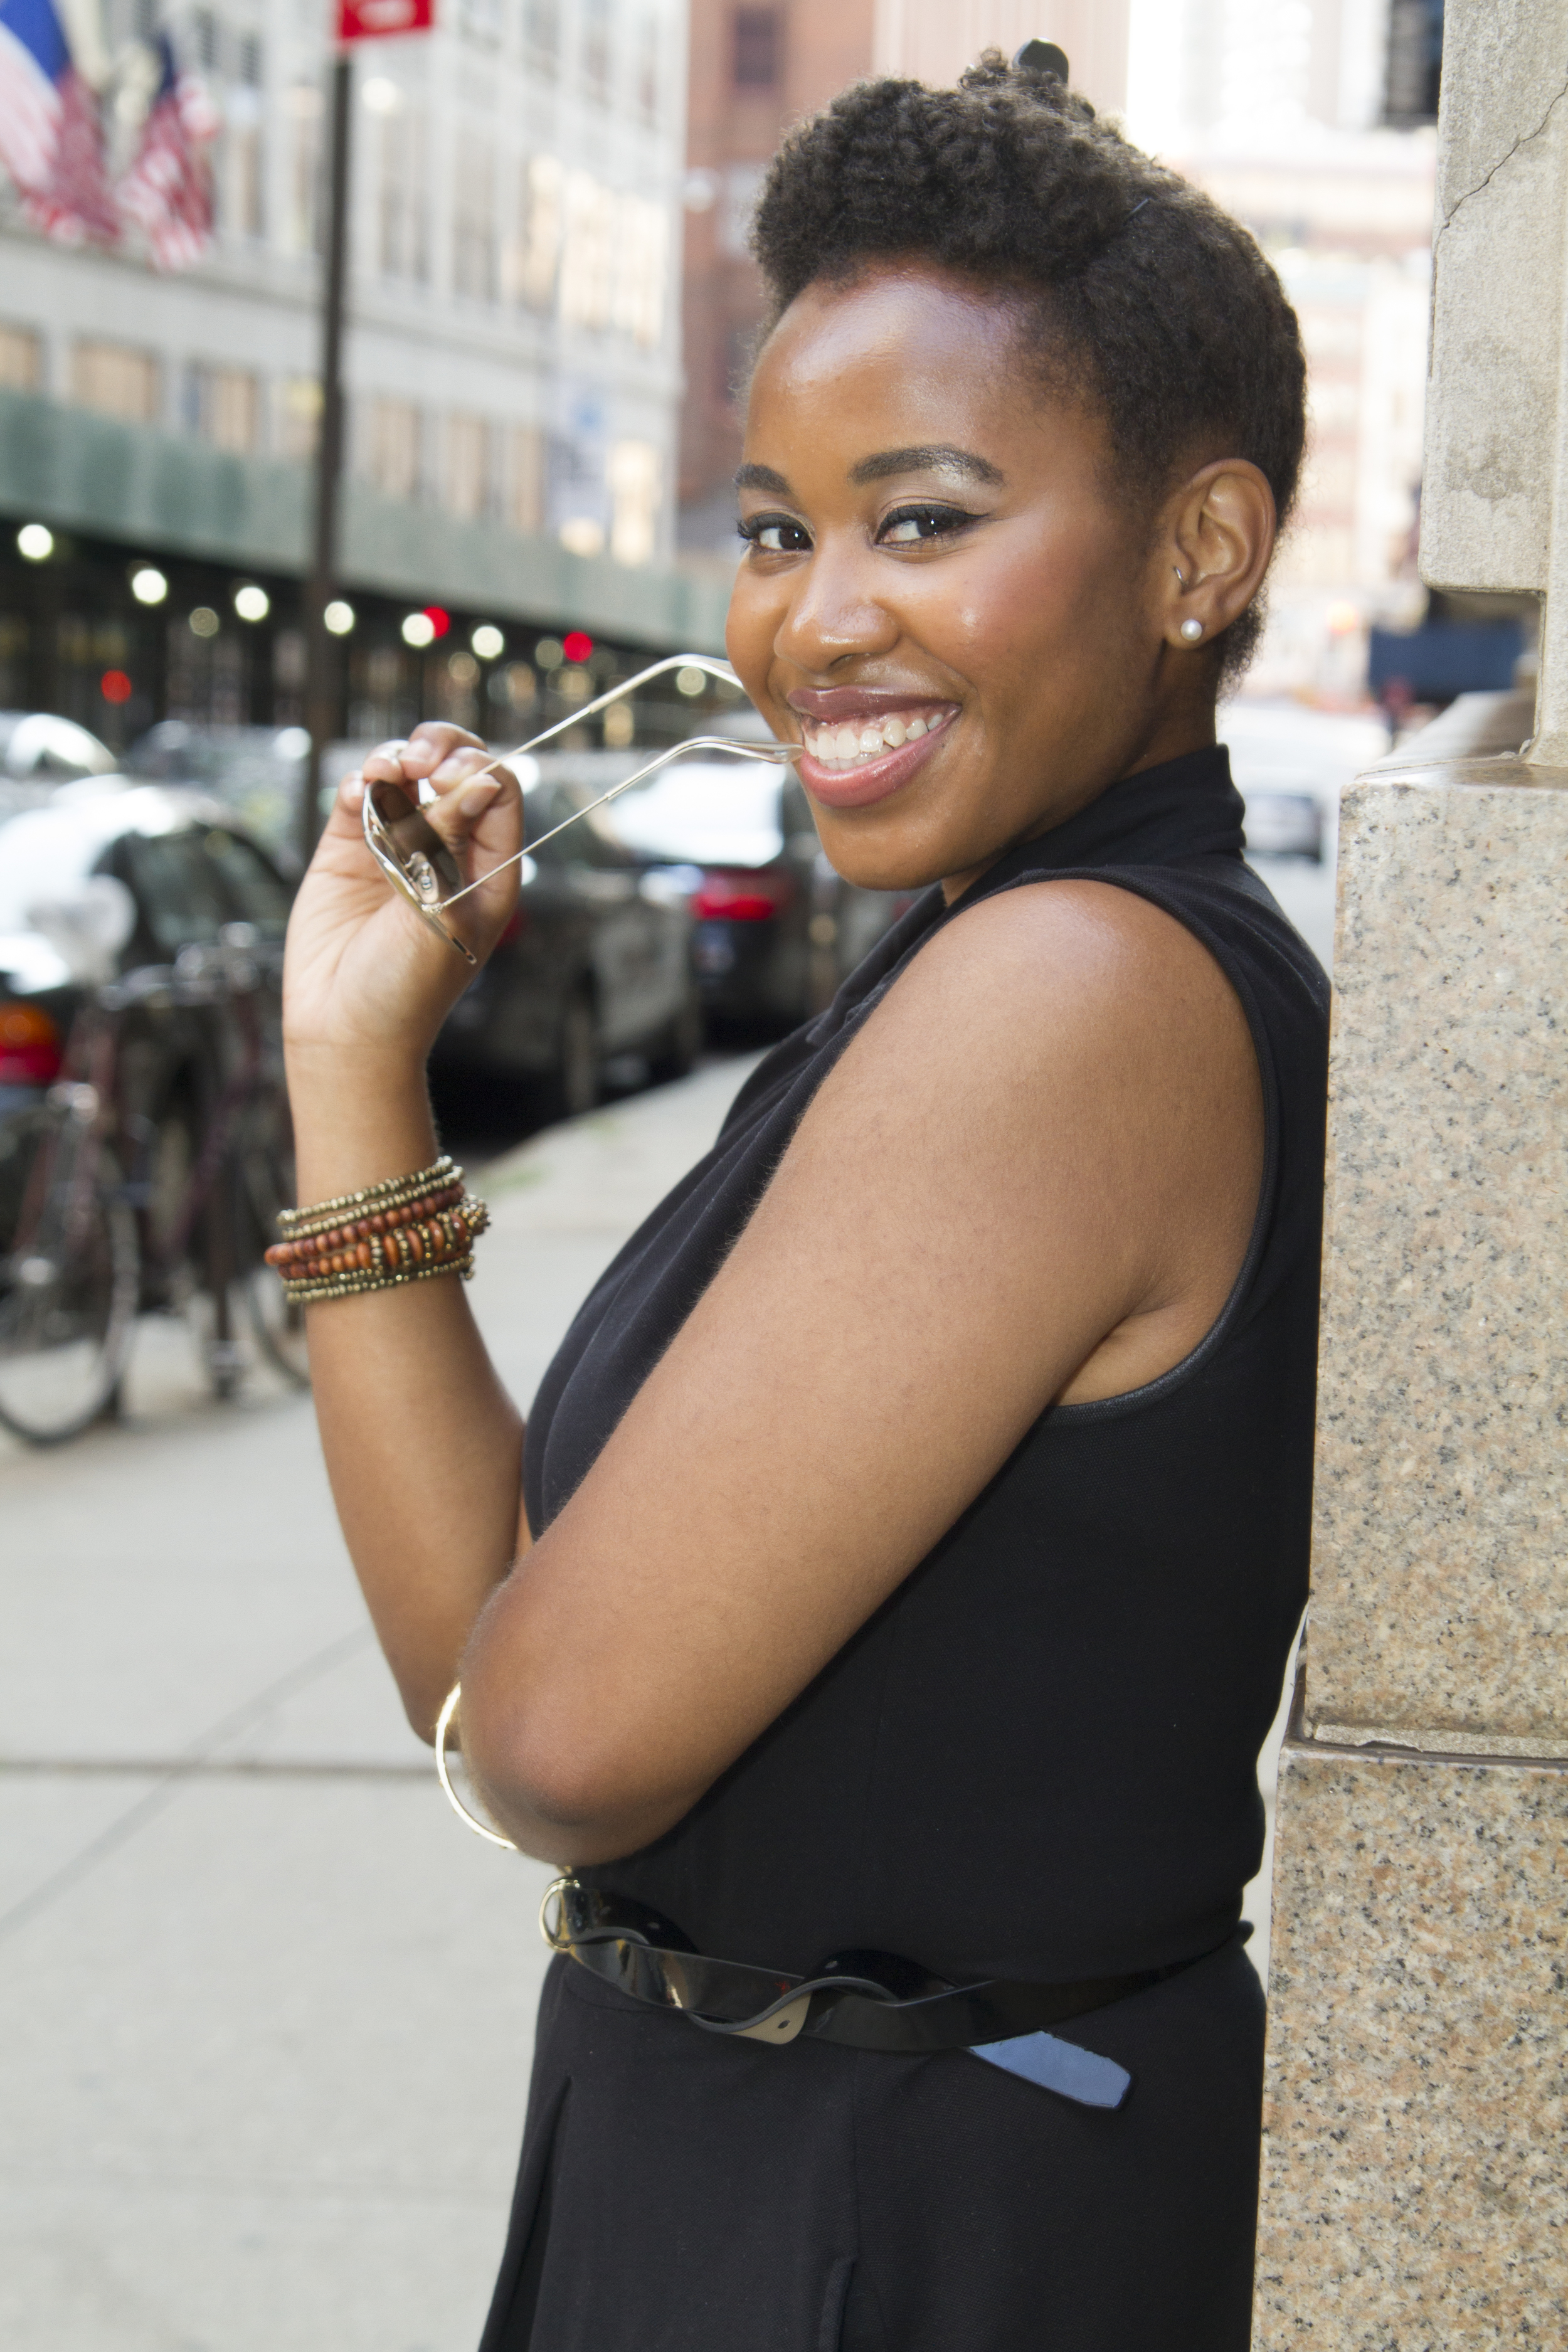 Photo by Maureen Erokwu